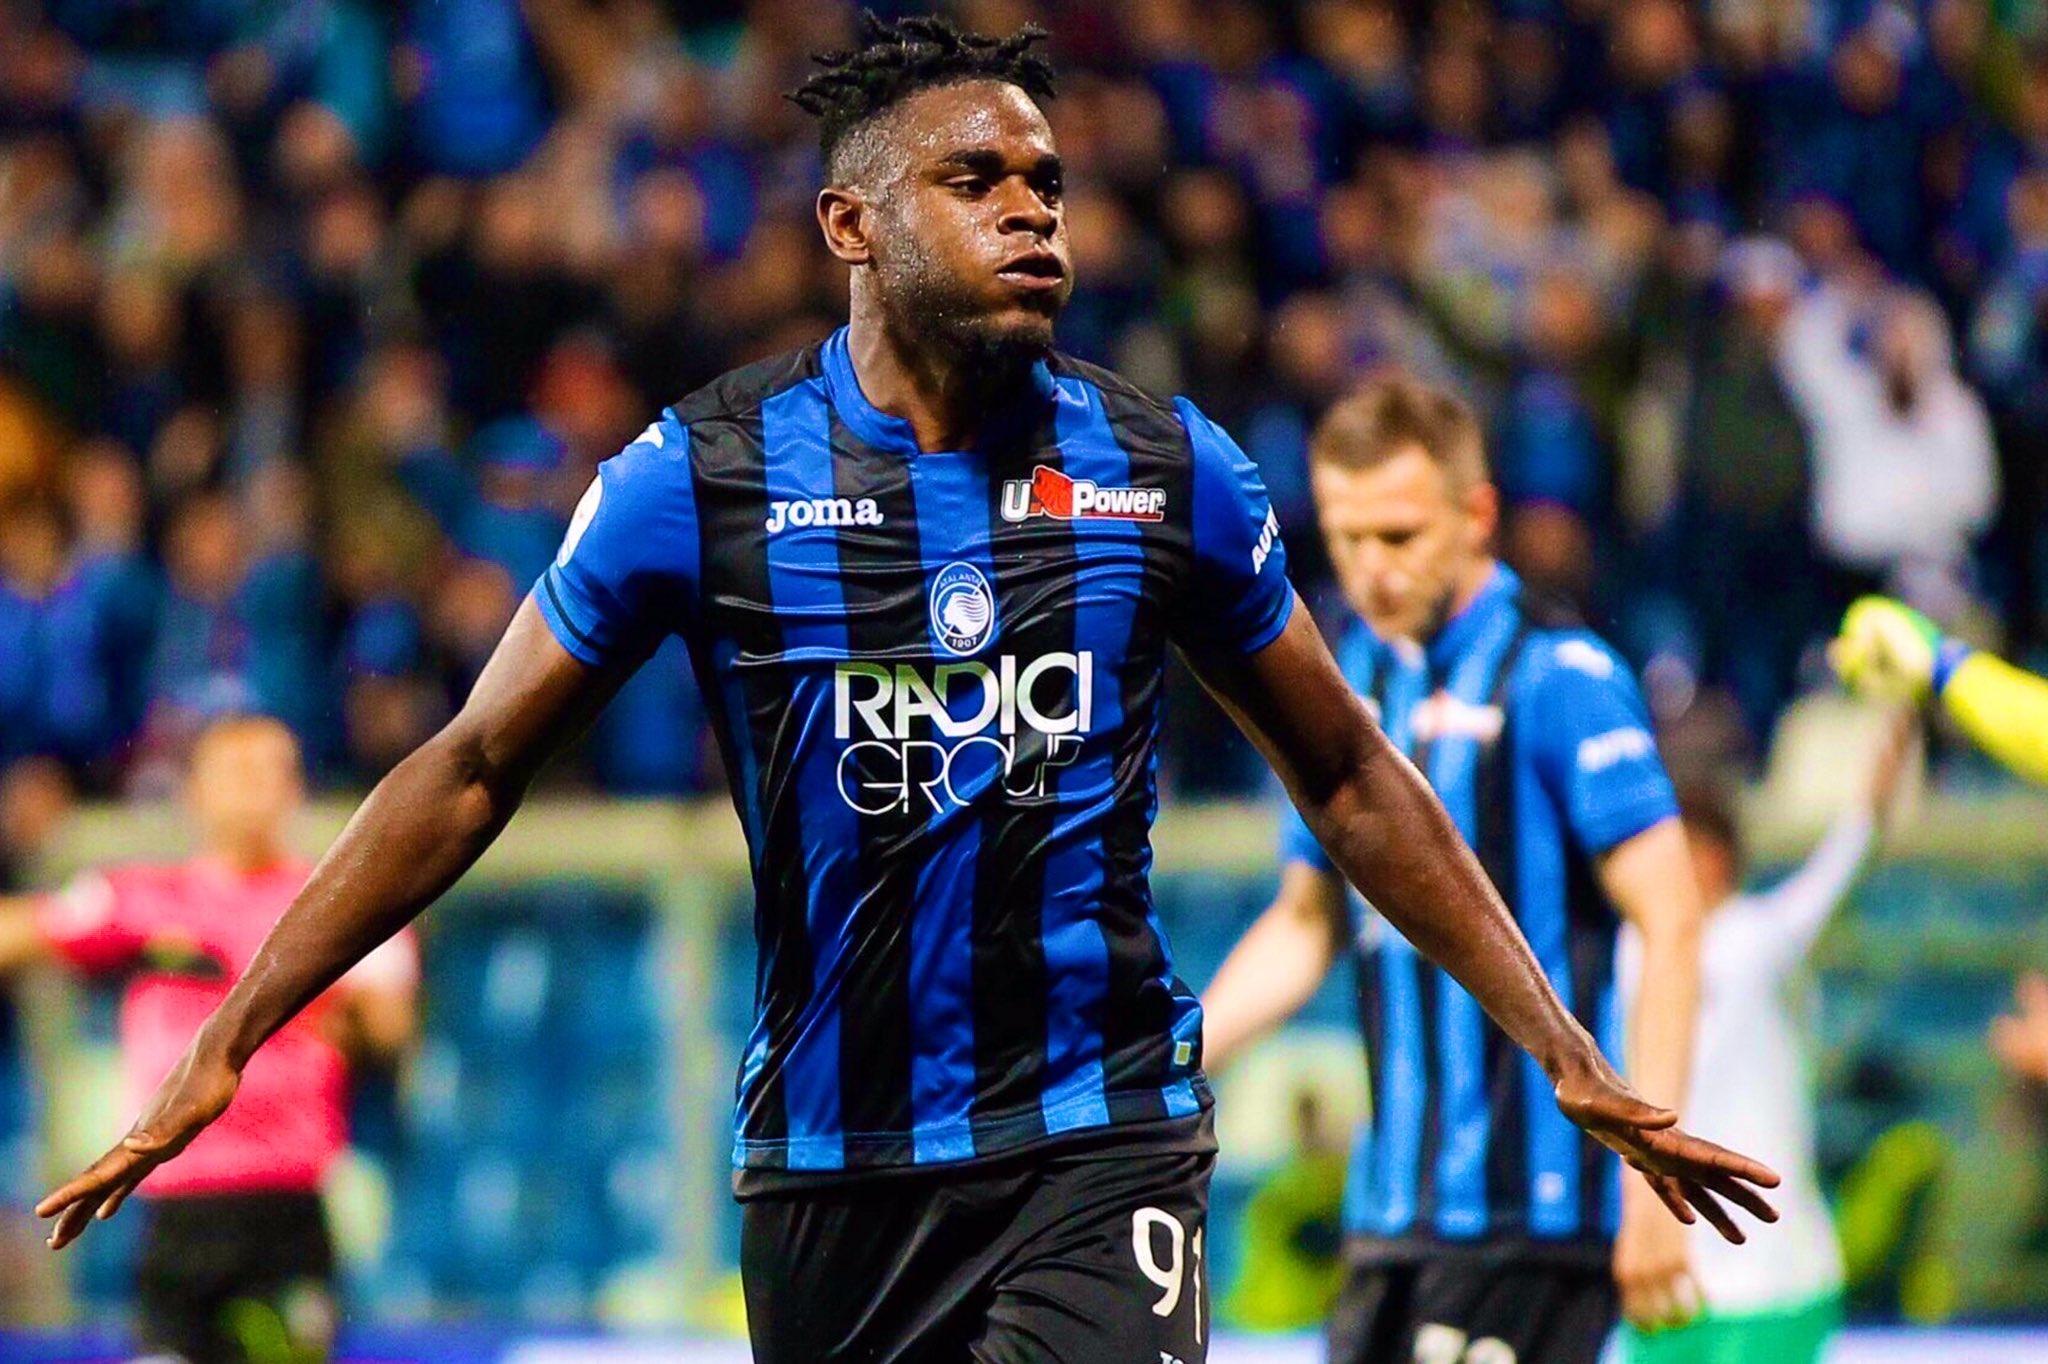 Officiel: L'Atalanta lève l'option sur Duván Zapata | Sport ...